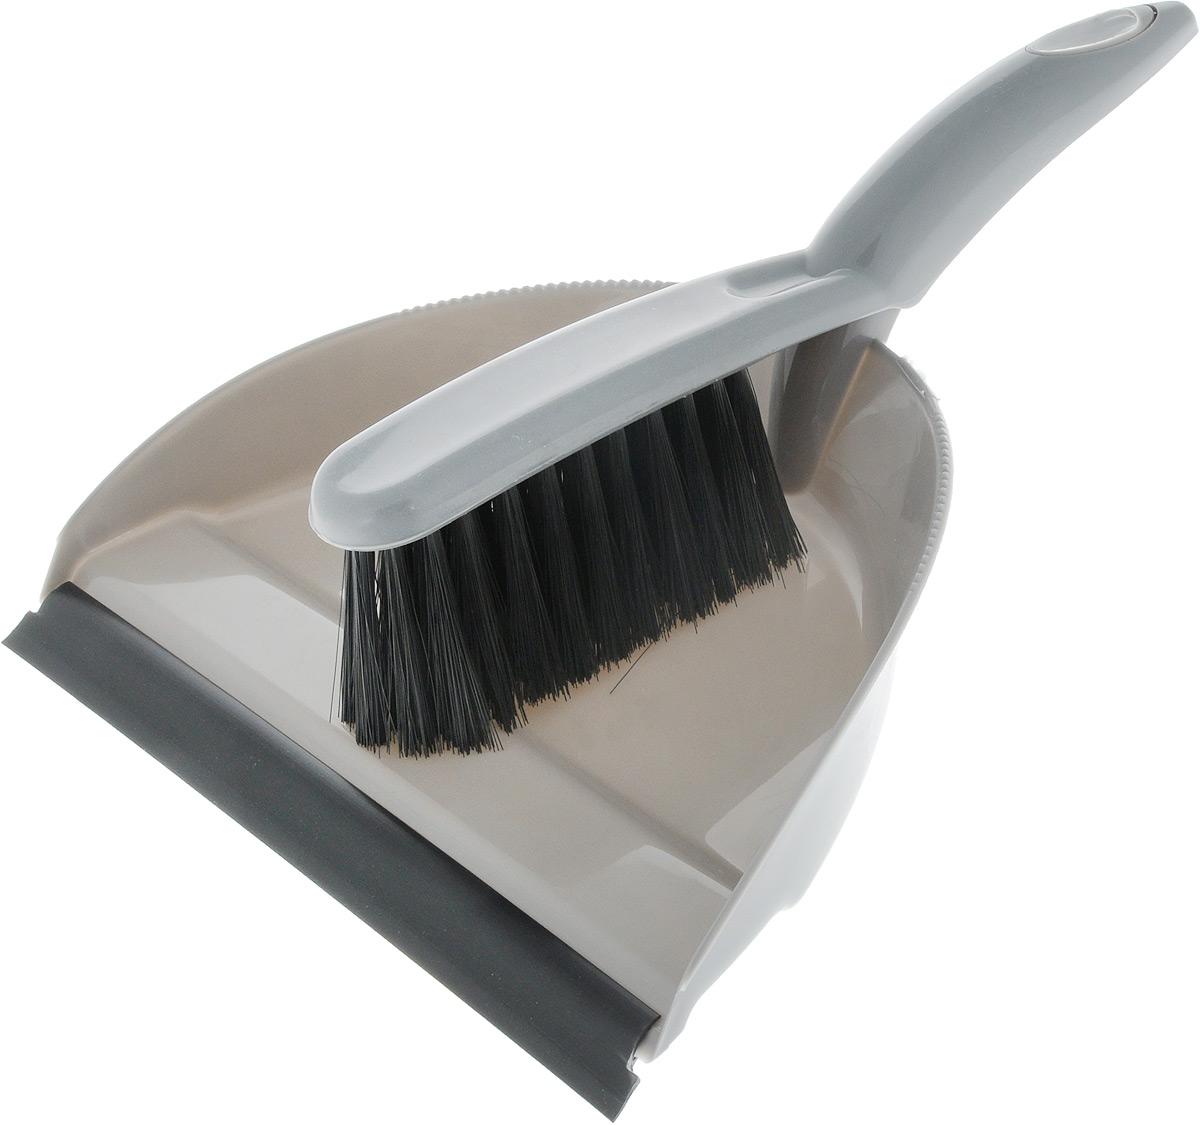 Набор для уборки Svip Клио, с кромкой, цвет: серый, 2 предметаSV3158СБНабор для уборки Svip Клио, состоит из щетки-сметки и совка, выполненных из полипропилена. Он станет незаменимым помощником в деле удаления пыли и мусора с различных поверхностей. Ворс щетки достаточно длинный, что позволяет собирать даже крупный мусор. Края совка оснащены зубчиками для чистки щетки после ее использования. Совок имеет резиновую кромку,благодаря которой удобнее собирать мусор. Ручка совка позволяет прикреплять его к рукоятке щетки. На рукояти изделий имеется специальное отверстие для подвешивания. Длина щетки-сметки: 26 см. Длина ворса: 5 см. Размер рабочей поверхности совка: 15 х 24 см. Размер совка (с учетом ручки): 30,2 х 24 х 5 см.